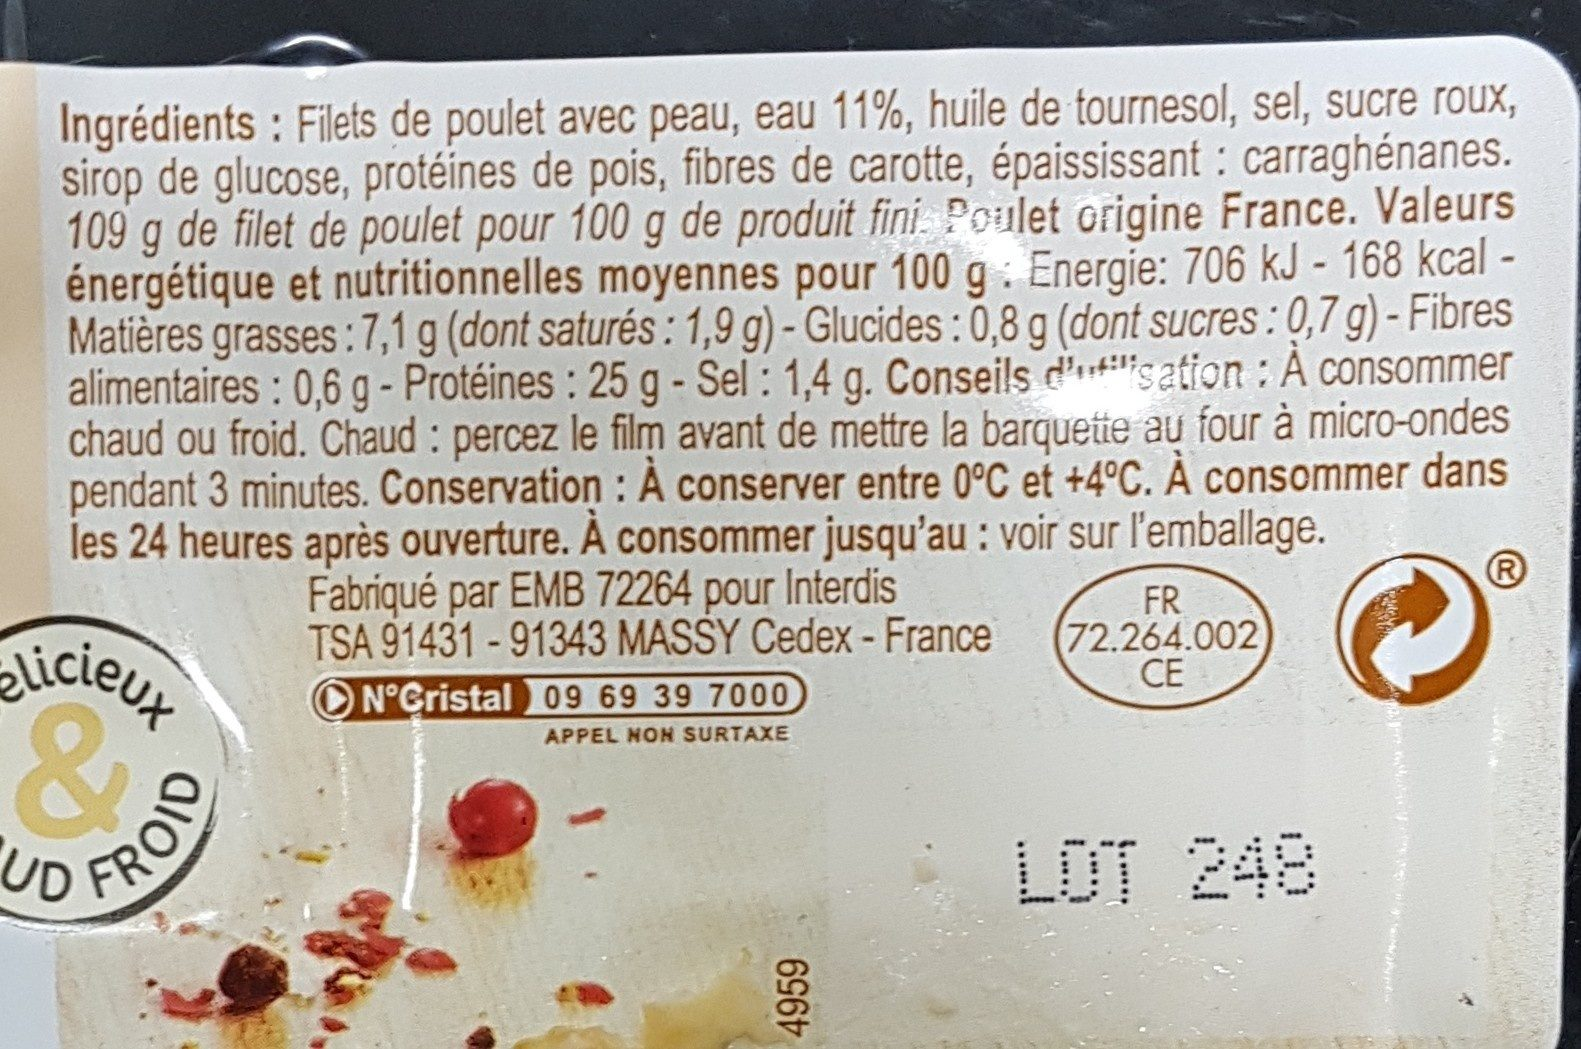 Filets de poulet - Ingredienti - fr